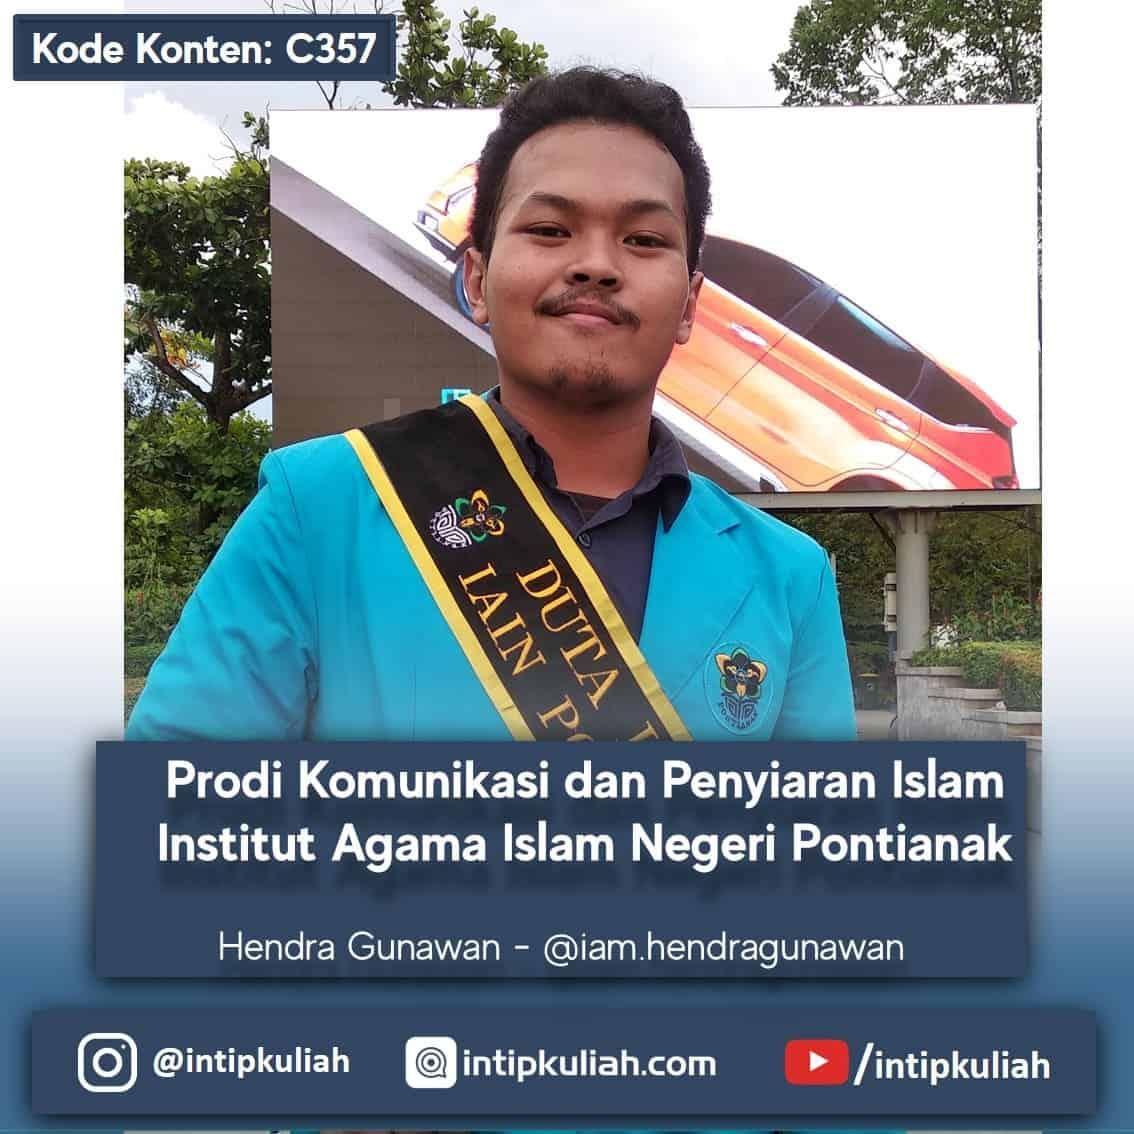 Komunikasi dan Penyiaran Islam IAIN Pontianak (Hendra)